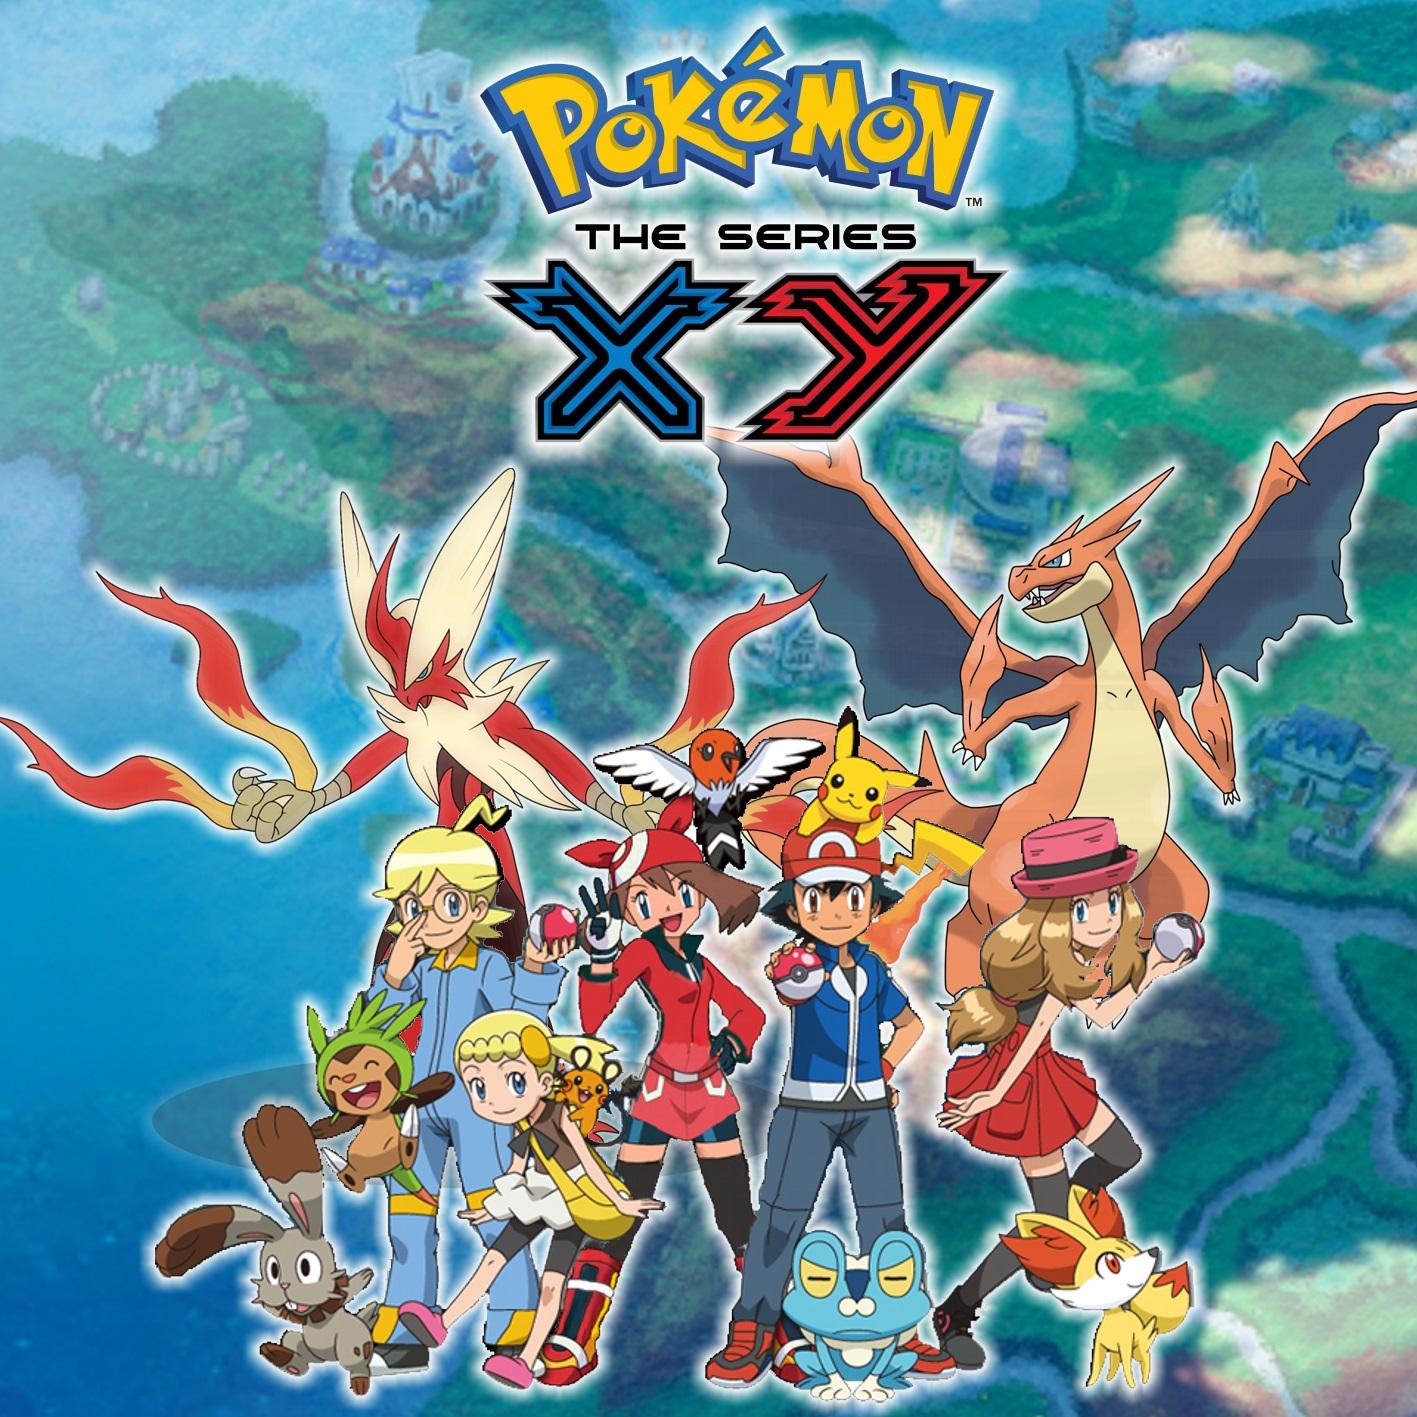 Pokémon Xy La Quête De Kalos Saison 18 Serie Tv 2014